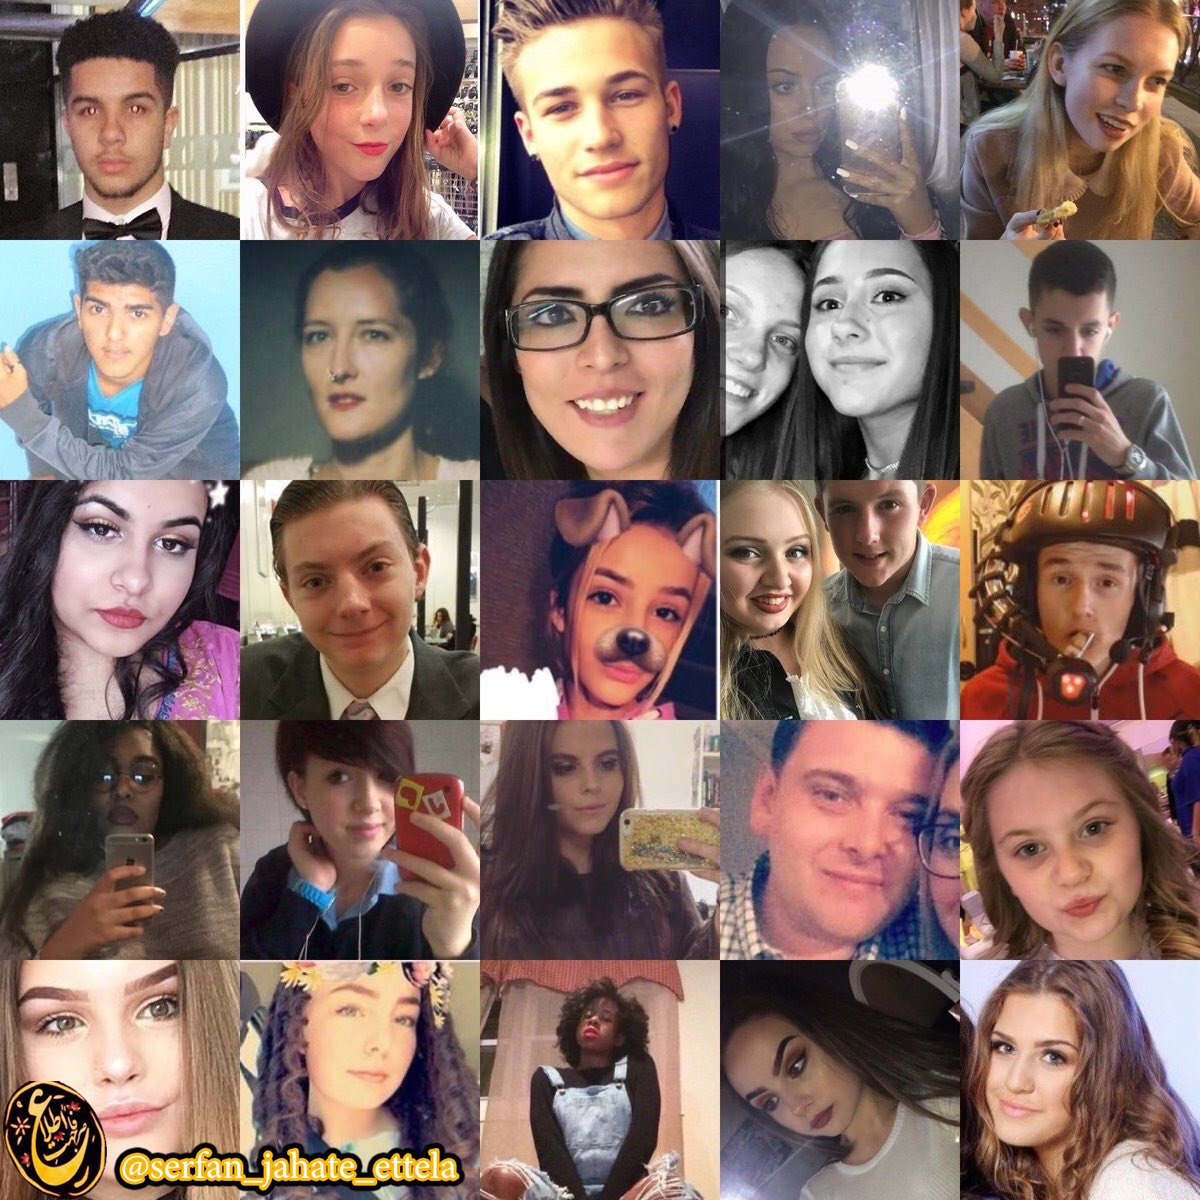 تصاویر برخی از کشته شدگان بامداد امروز در سالن کنسرت منچستر